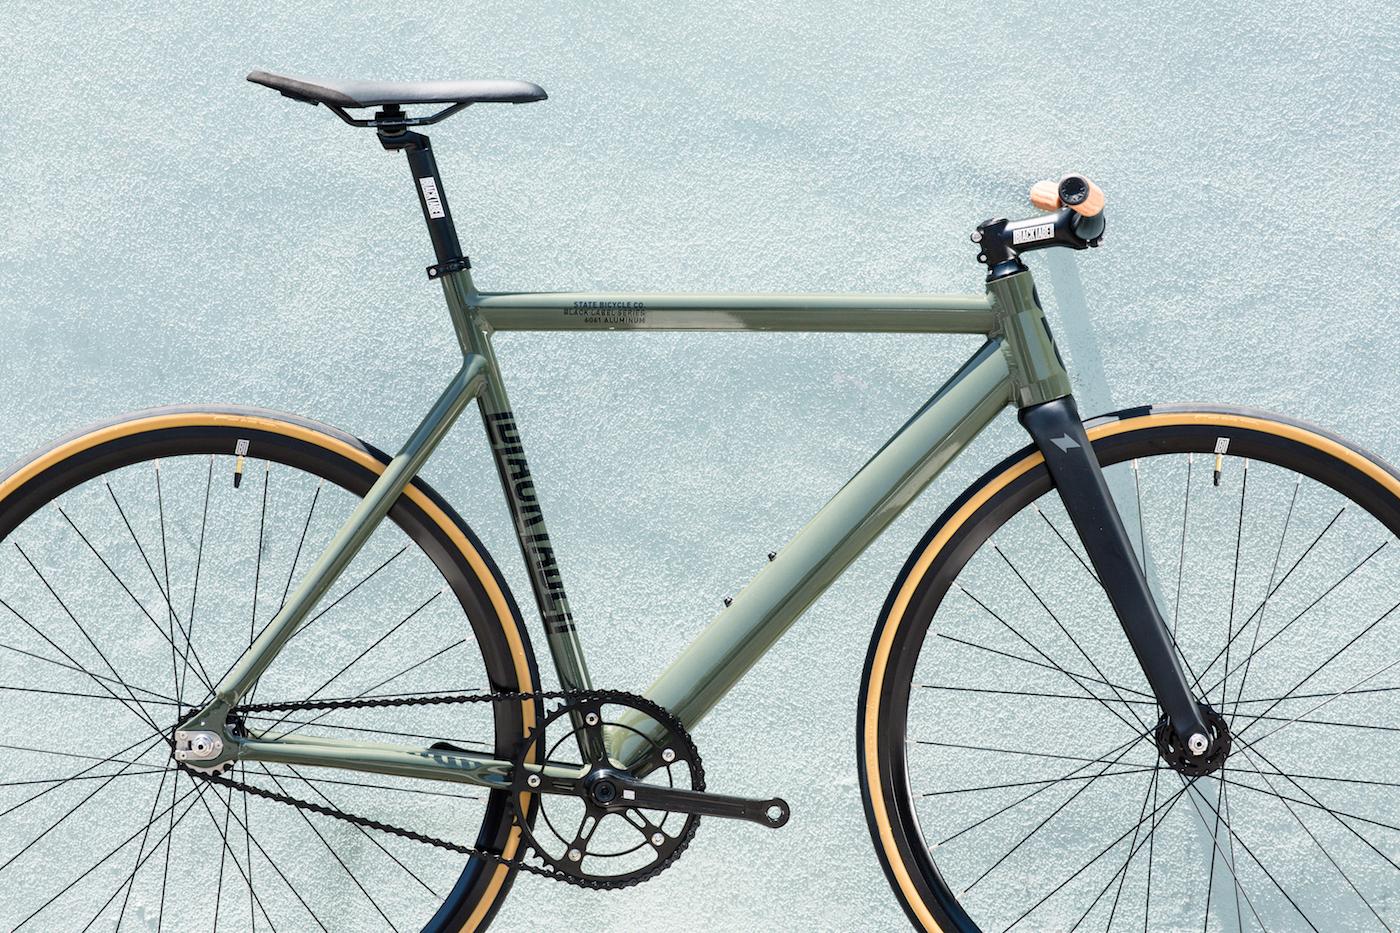 Black Label Series State Bicycle Co Wide Riser Bicycle Handlerbar